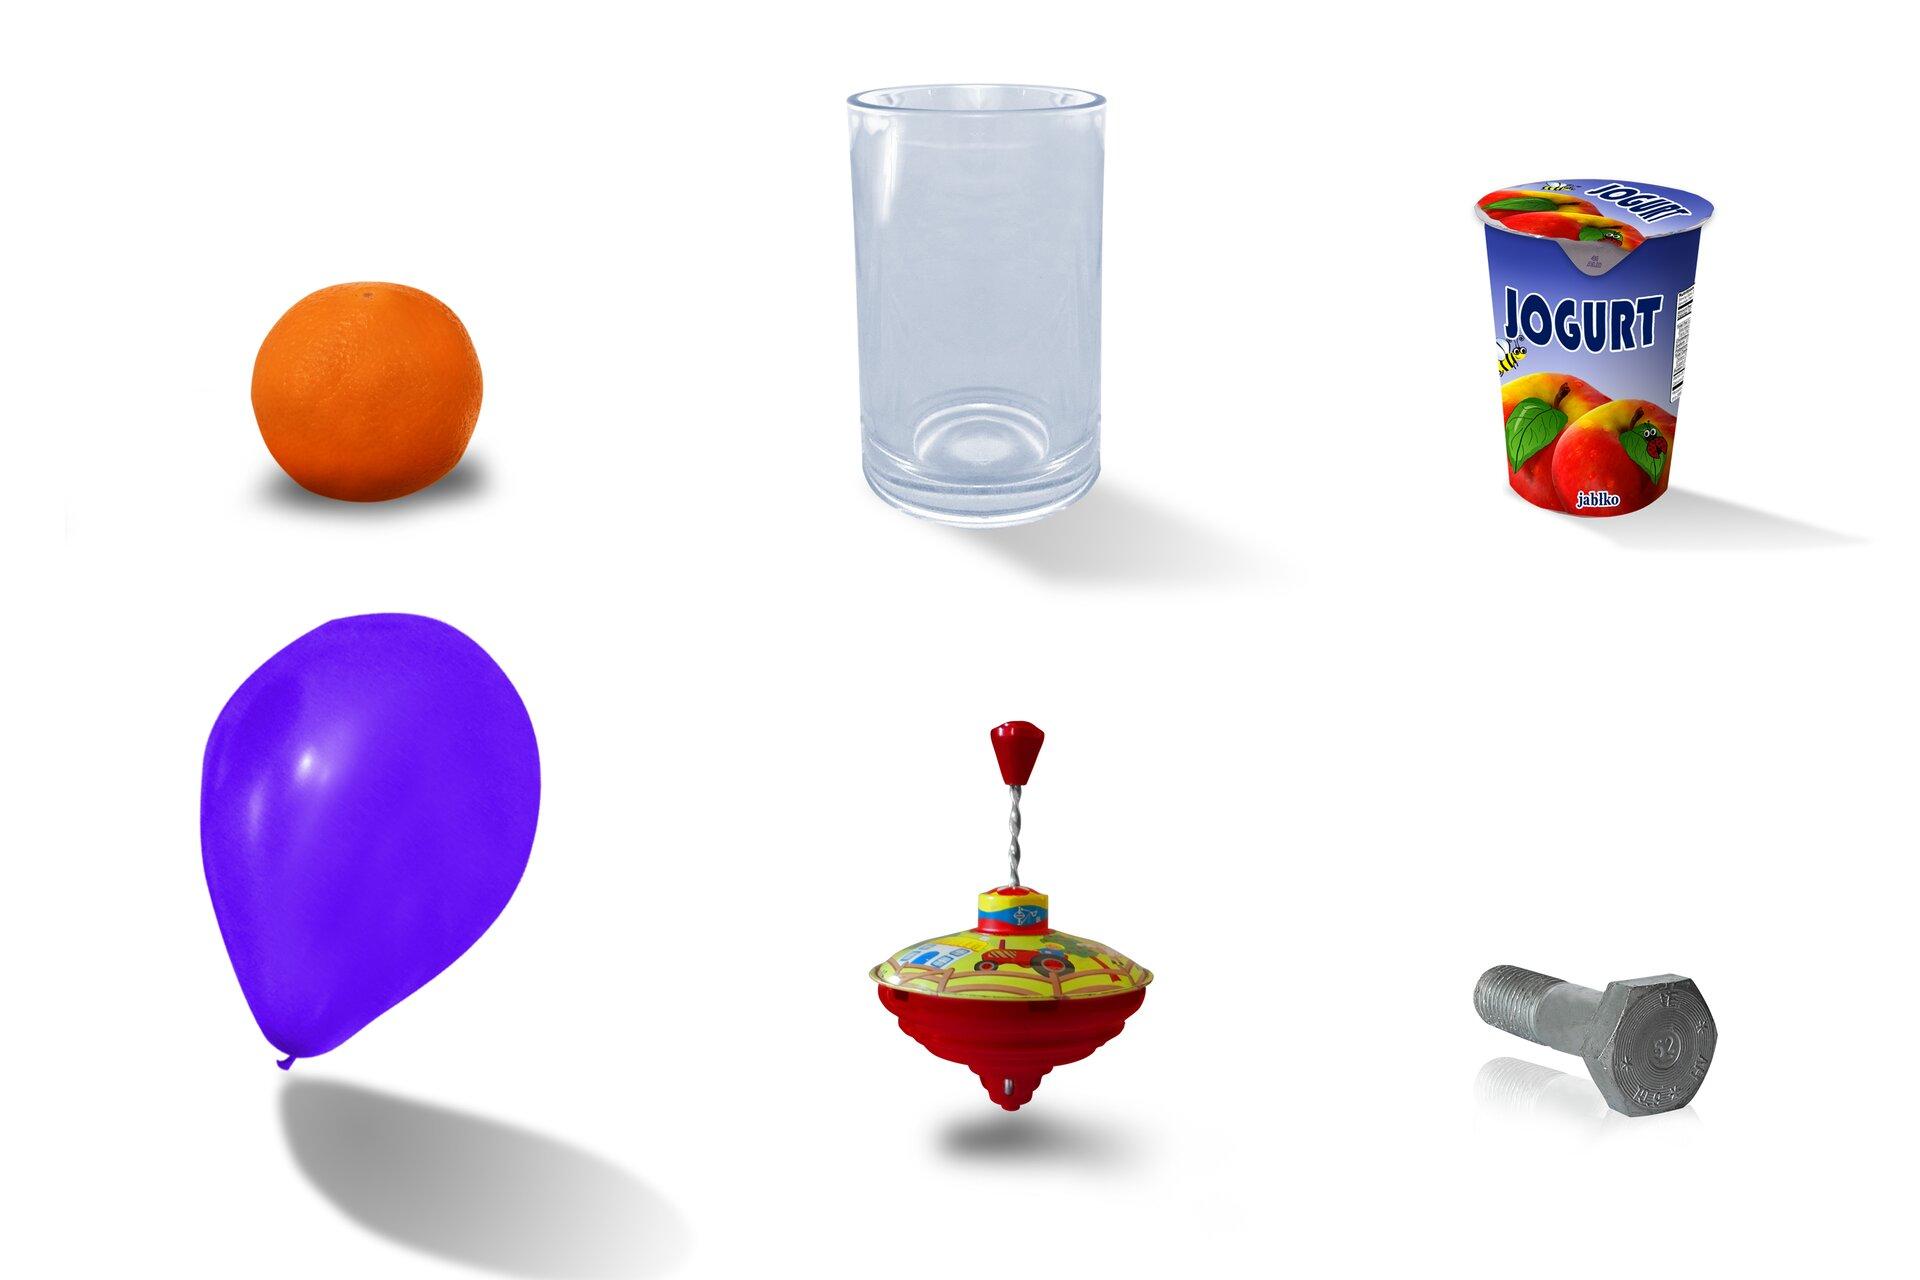 Rysunki: pomarańczy, szklanki, pojemnika zjogurtem, balona, bączka do zabawy, śruby.